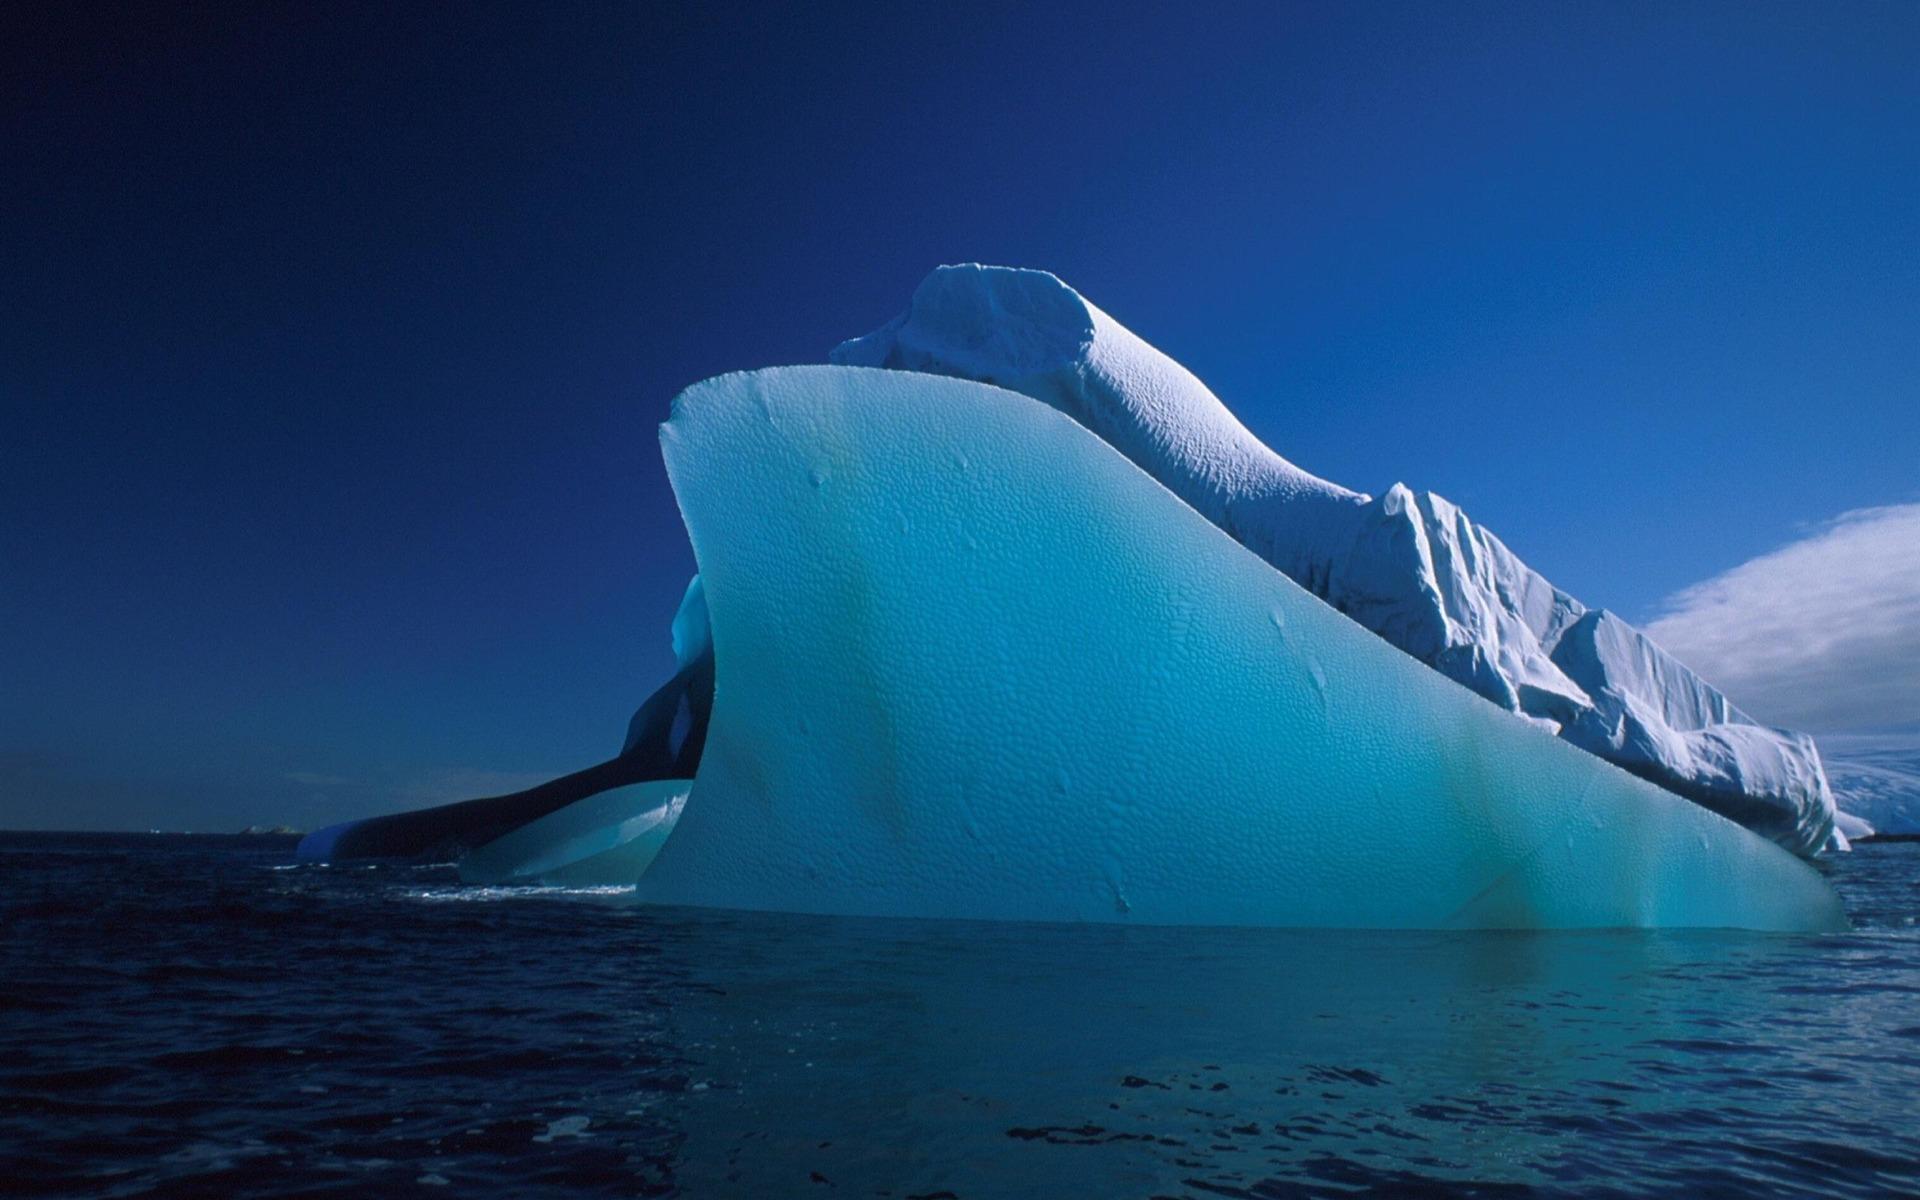 фото высокого разрешения полосатых айсбергов распечатала